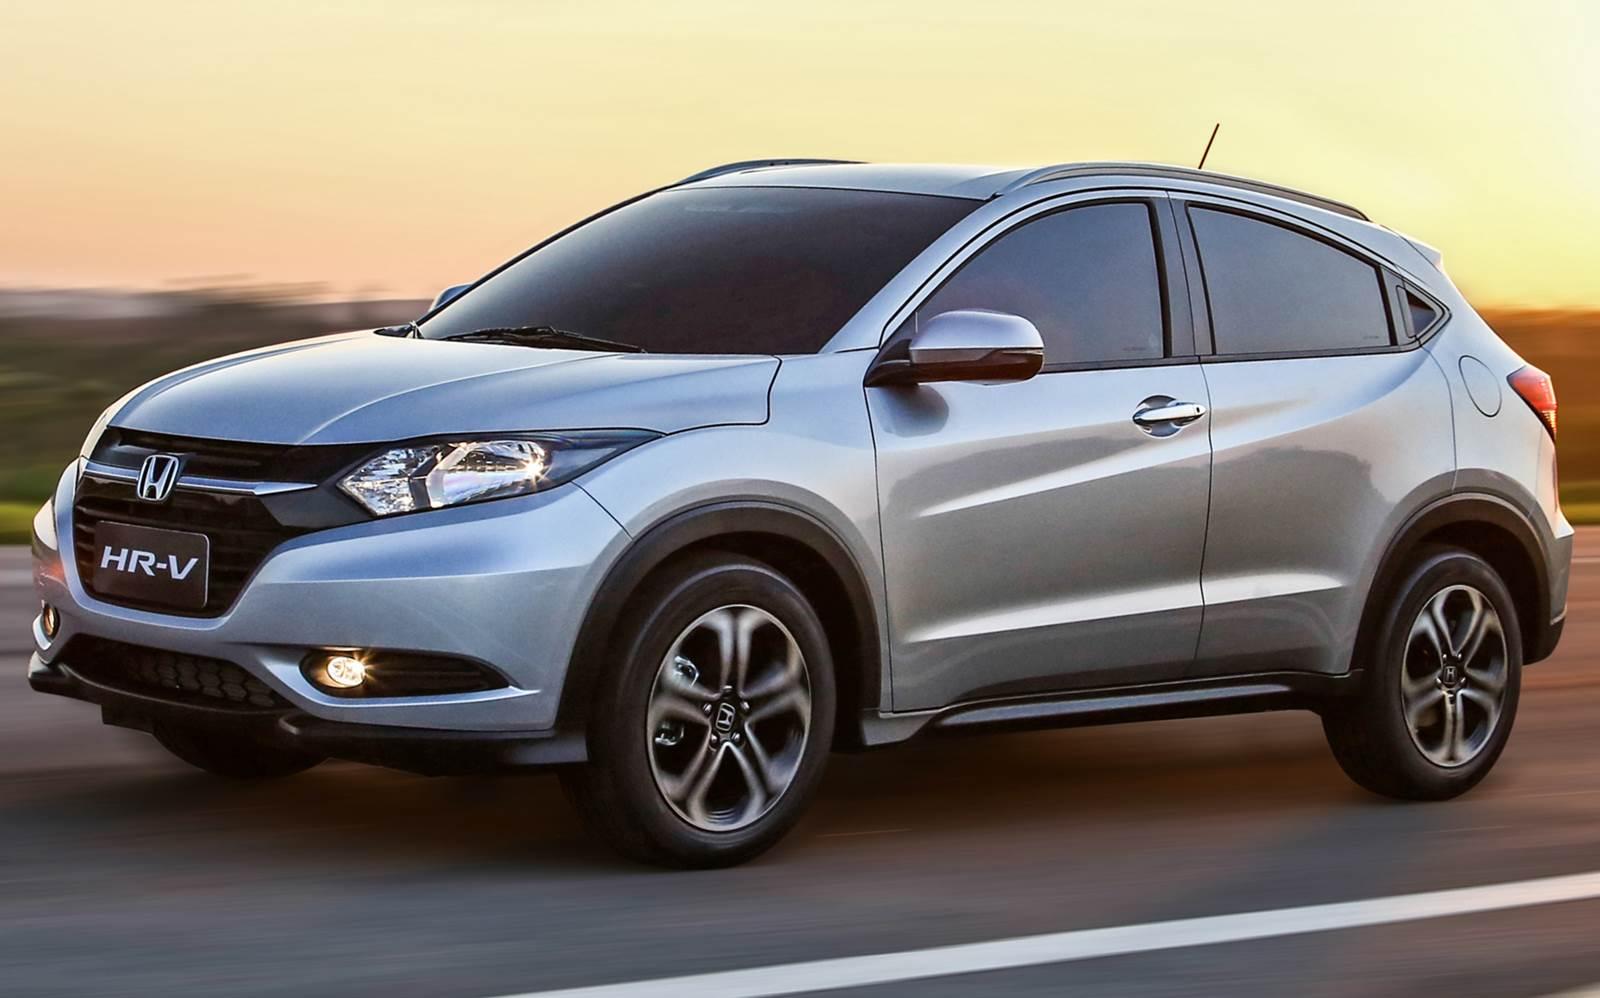 Honda HR-V no nanking de carros mais vendidos do Brasil